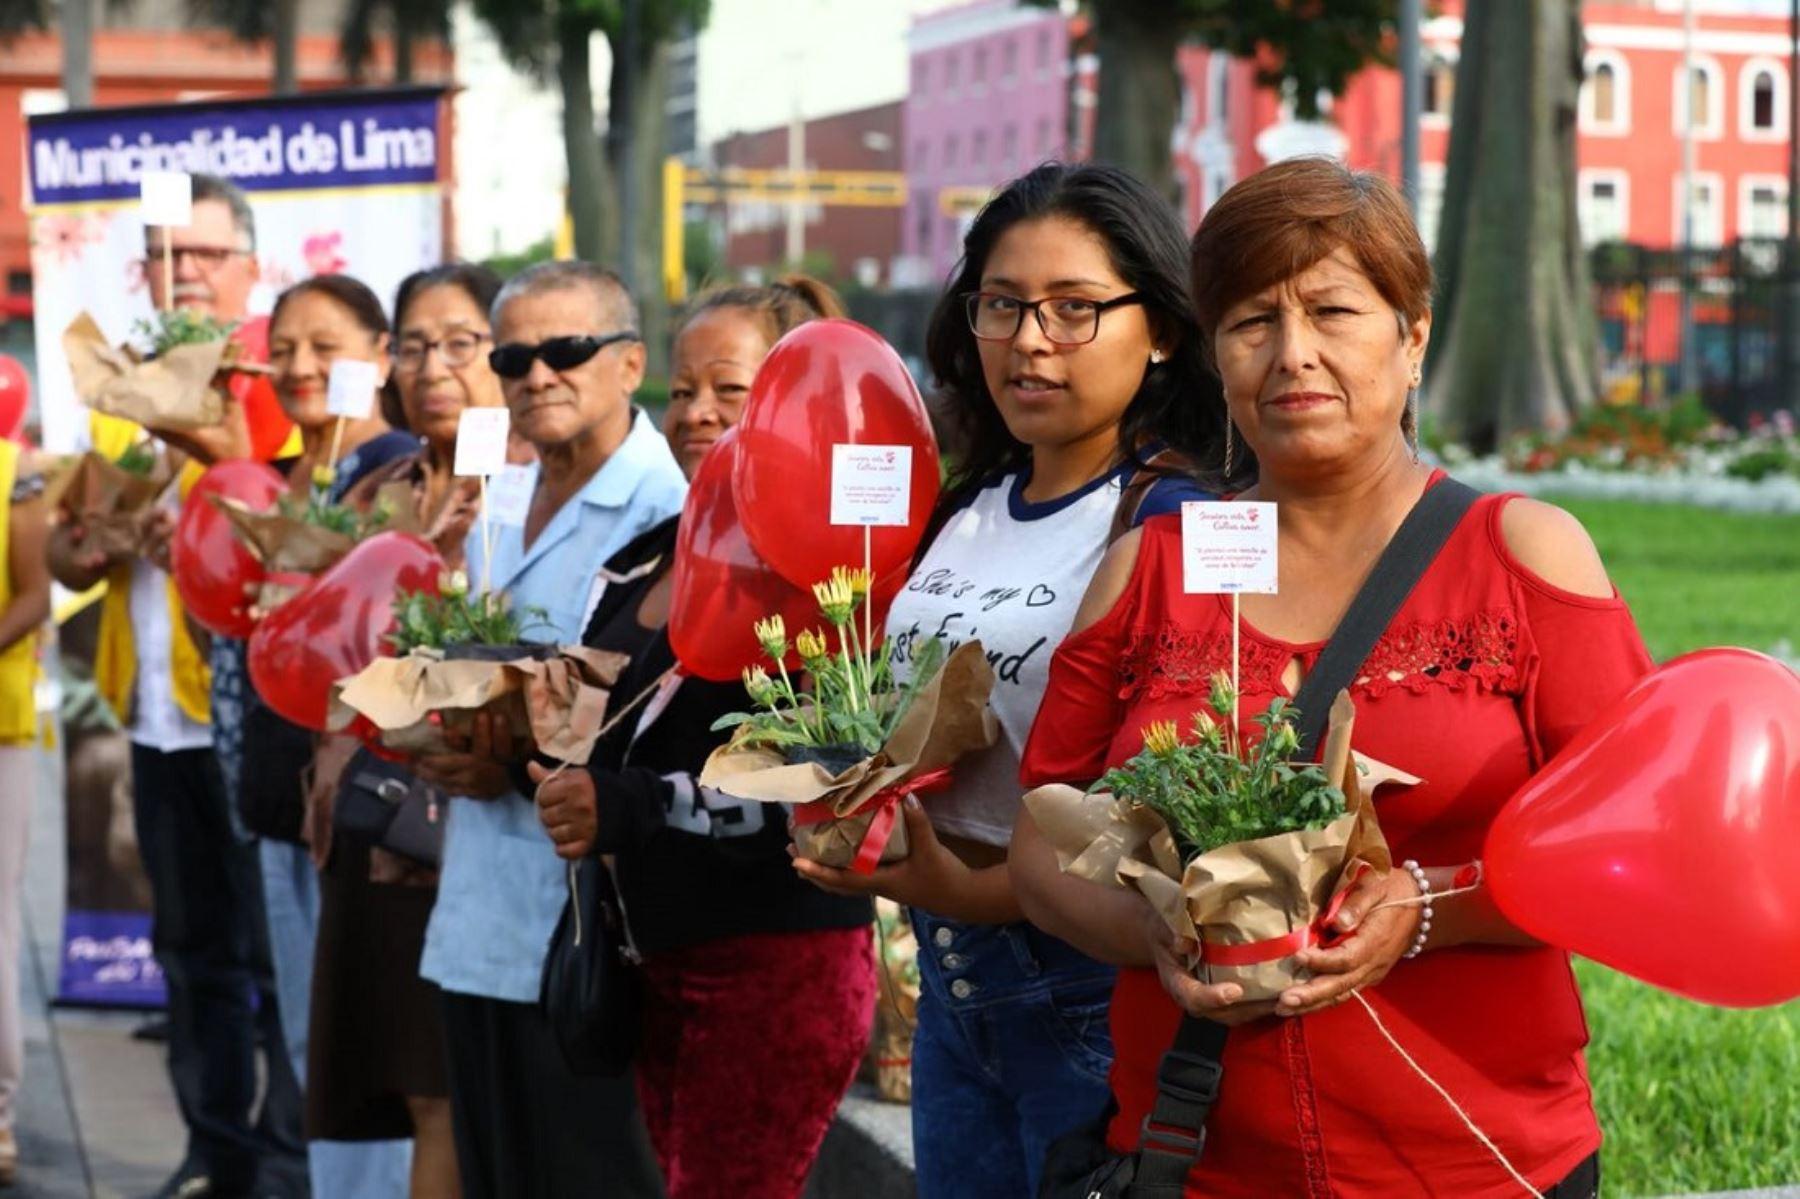 MML regaló más de 500 plantitas como símbolo de unión, dedicación y amor. Foto: Difusión.